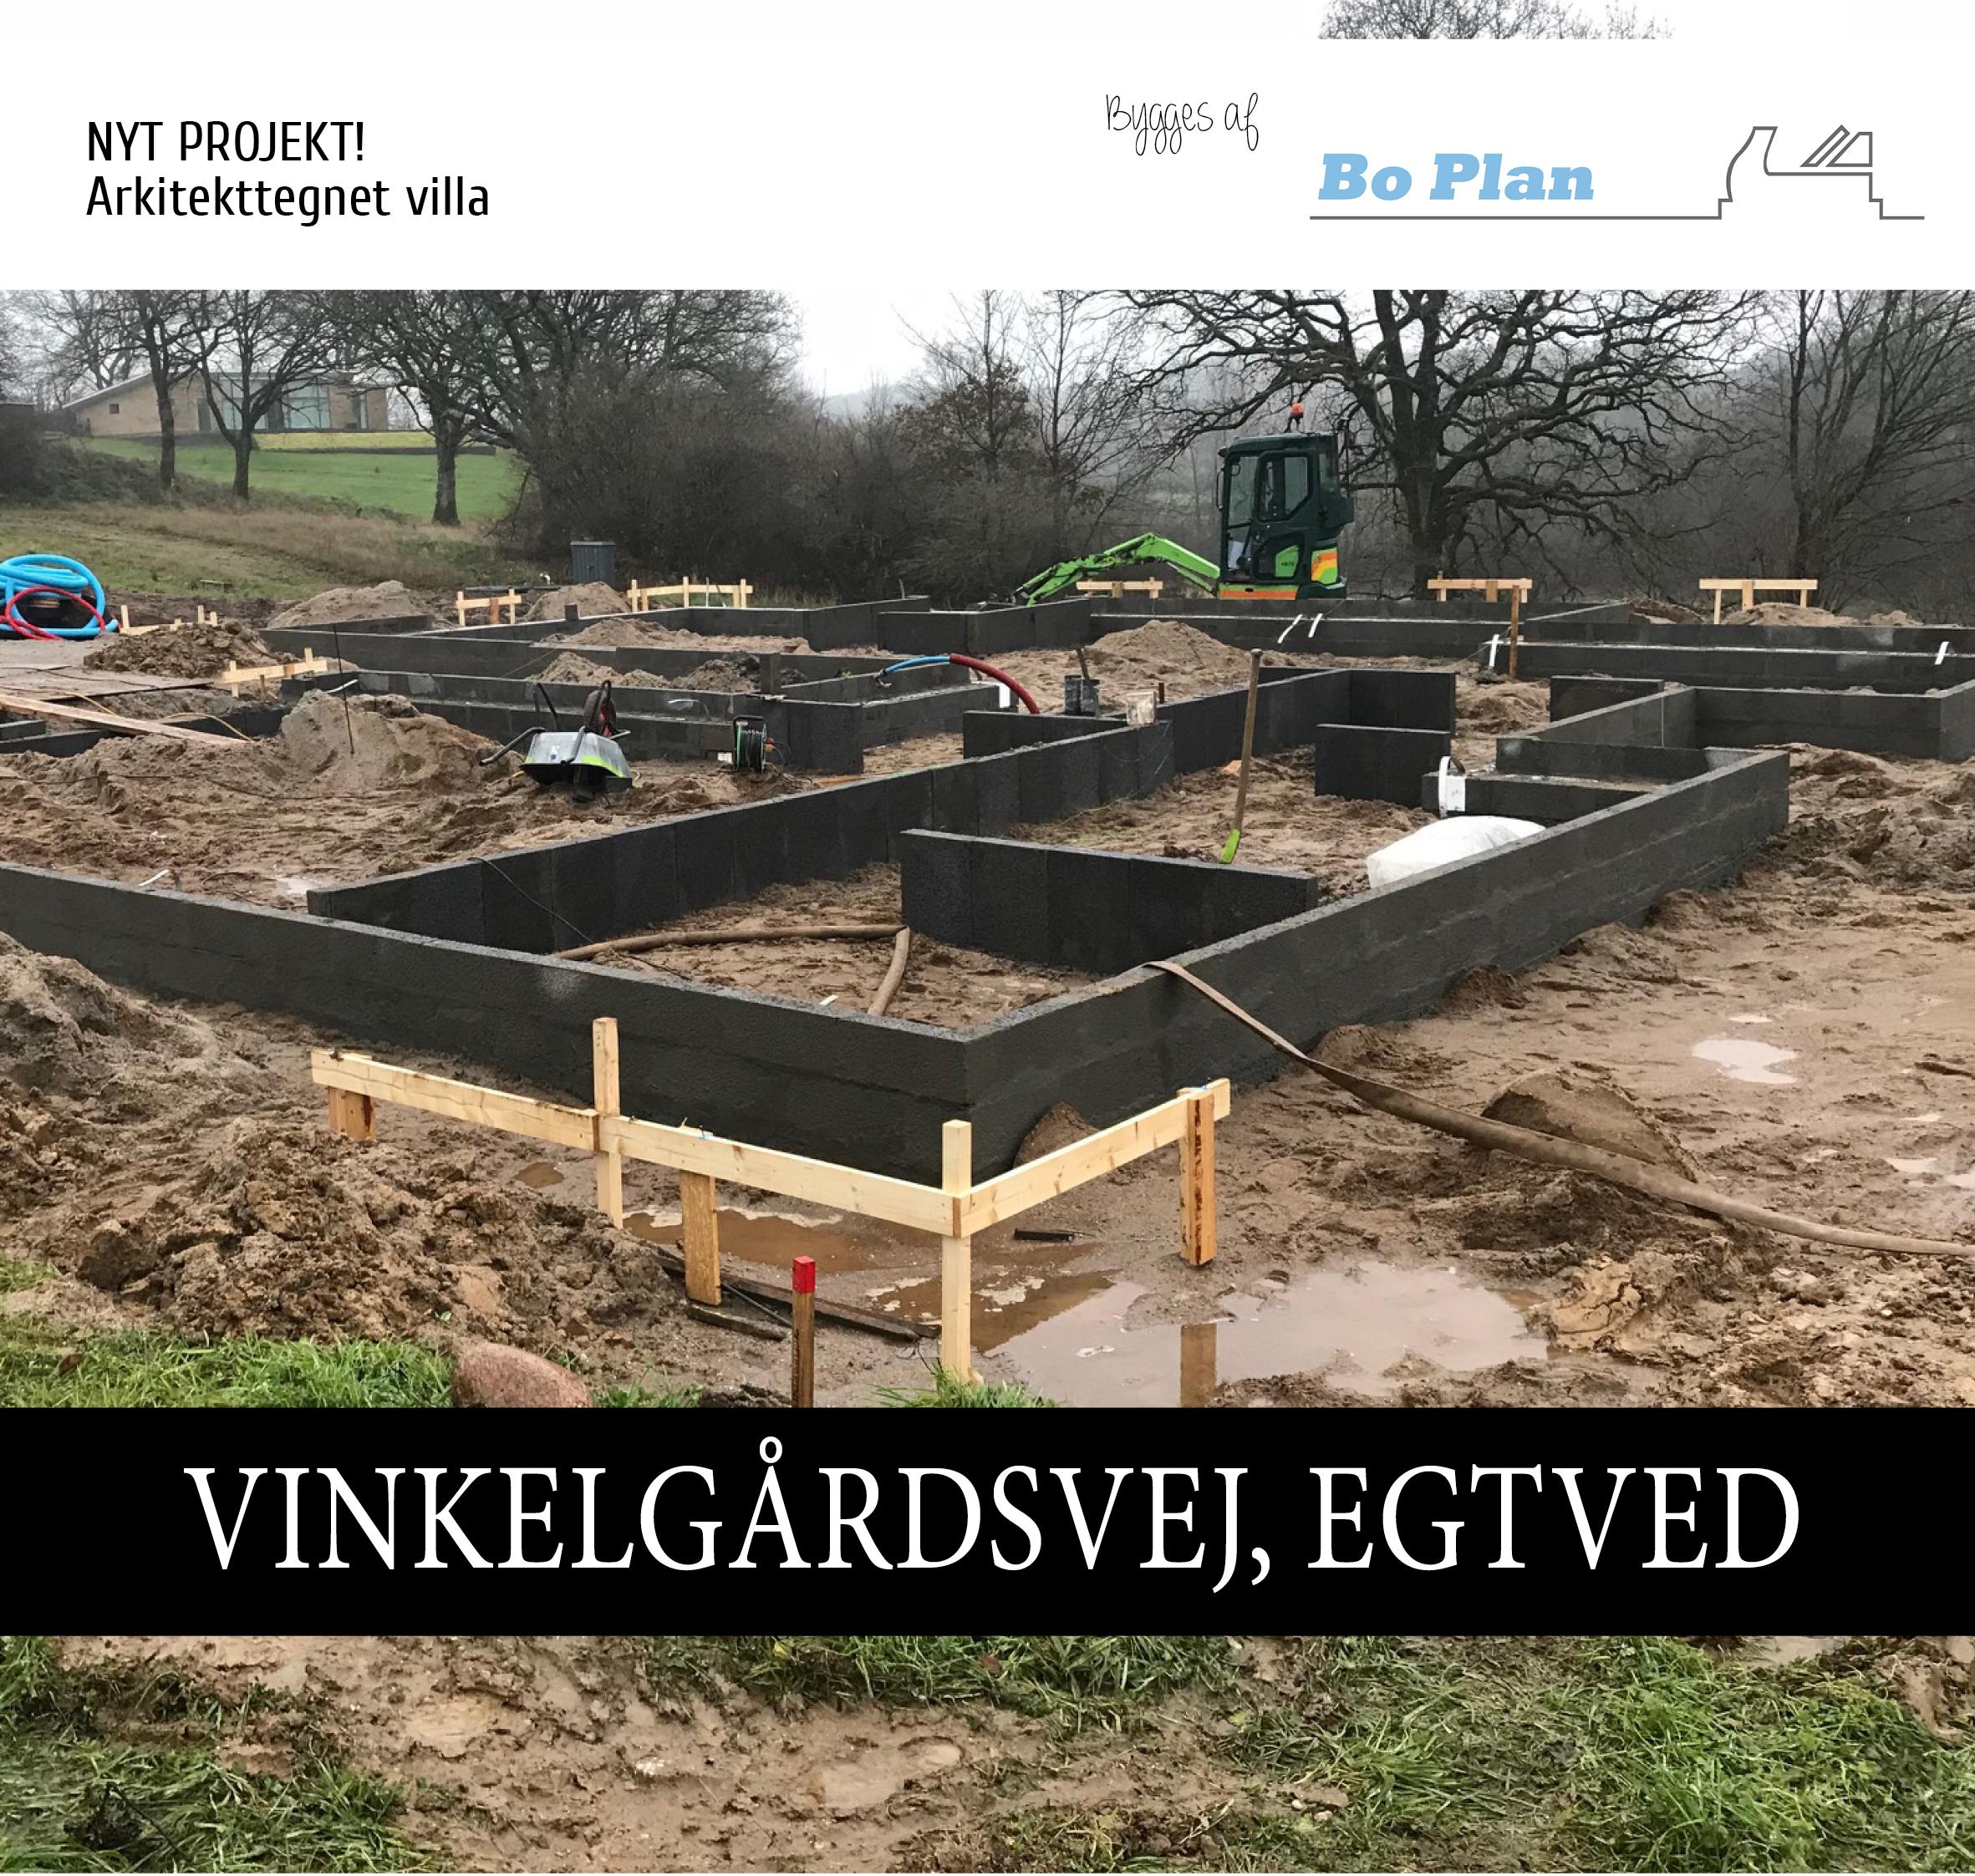 Vinkelgården,_Egtved,_nov_20172